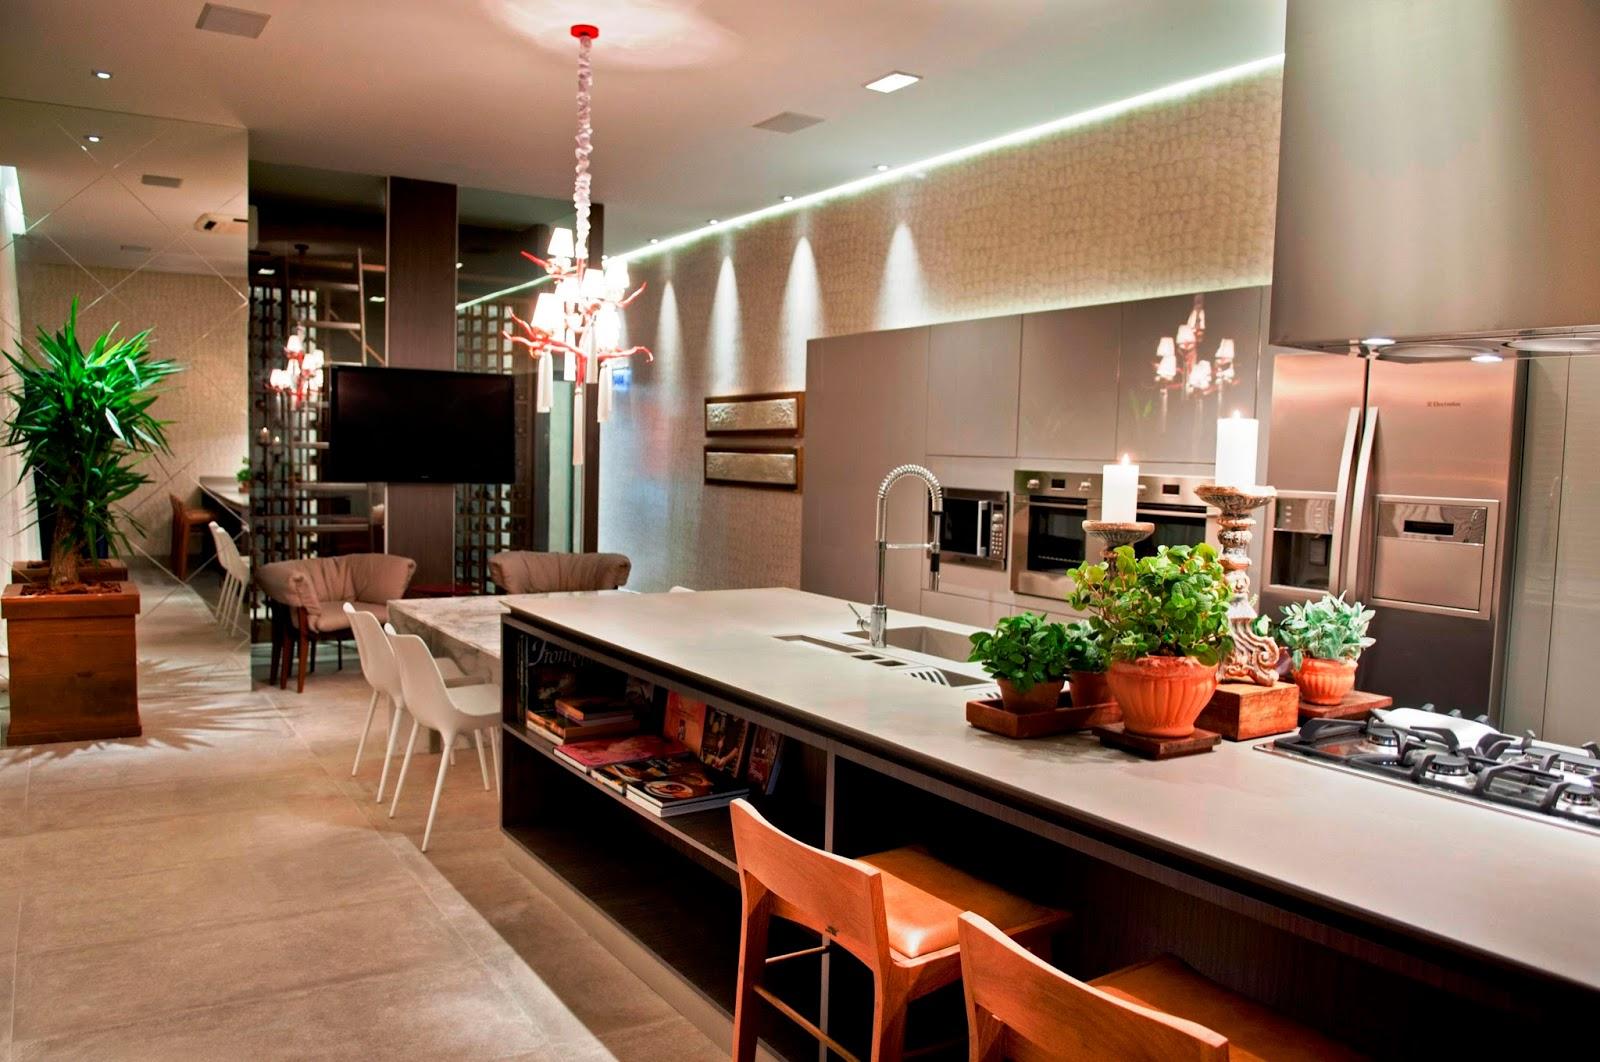 30 Salas de Almoço Decoradas Veja dicas de como renovar sua copa  #B34018 1600x1062 Azulejo Banheiro Deitado Ou Em Pé